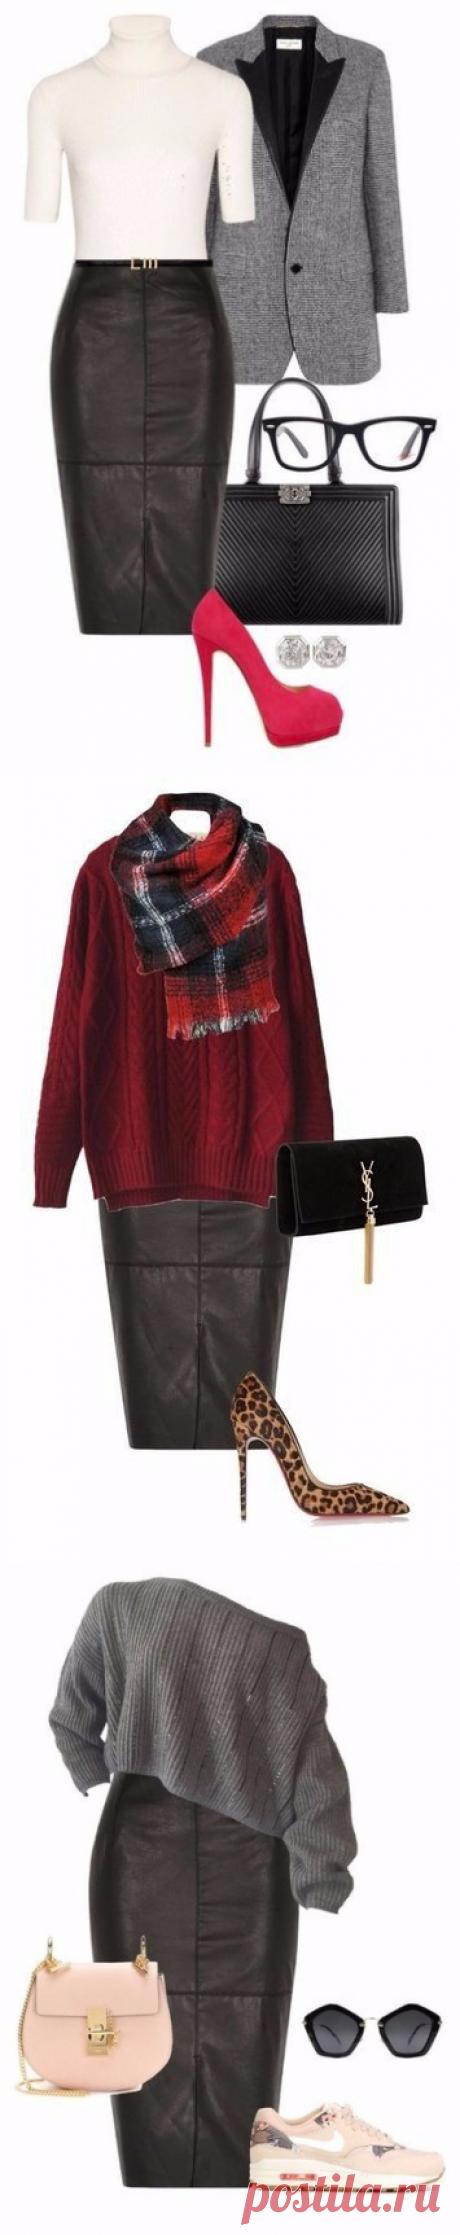 С чем стильно сочетать кожаную миди юбку. — Модно / Nemodno